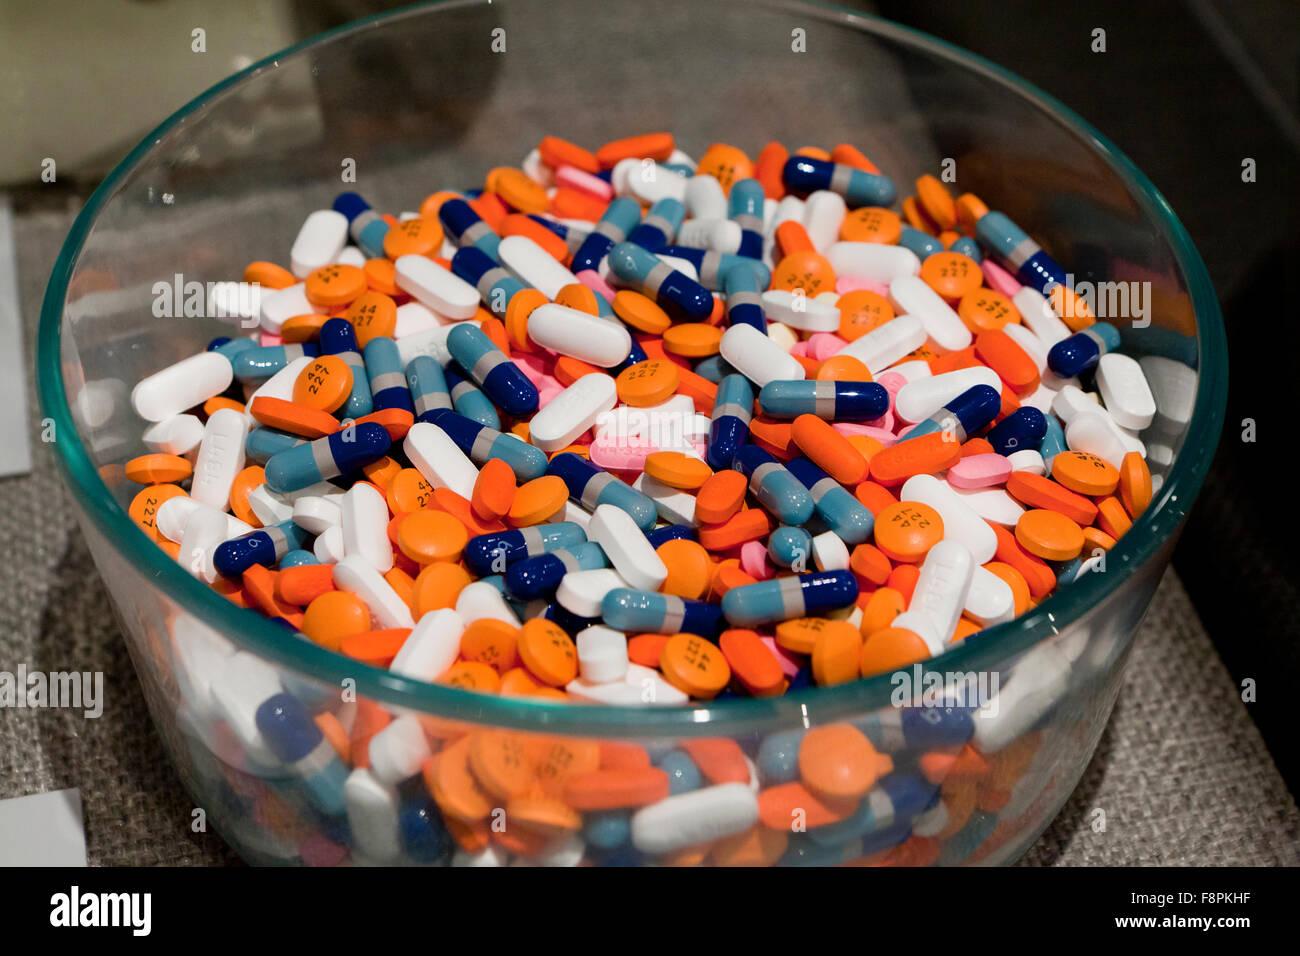 Bol de drogues à usage récréatif comprimés - USA Photo Stock